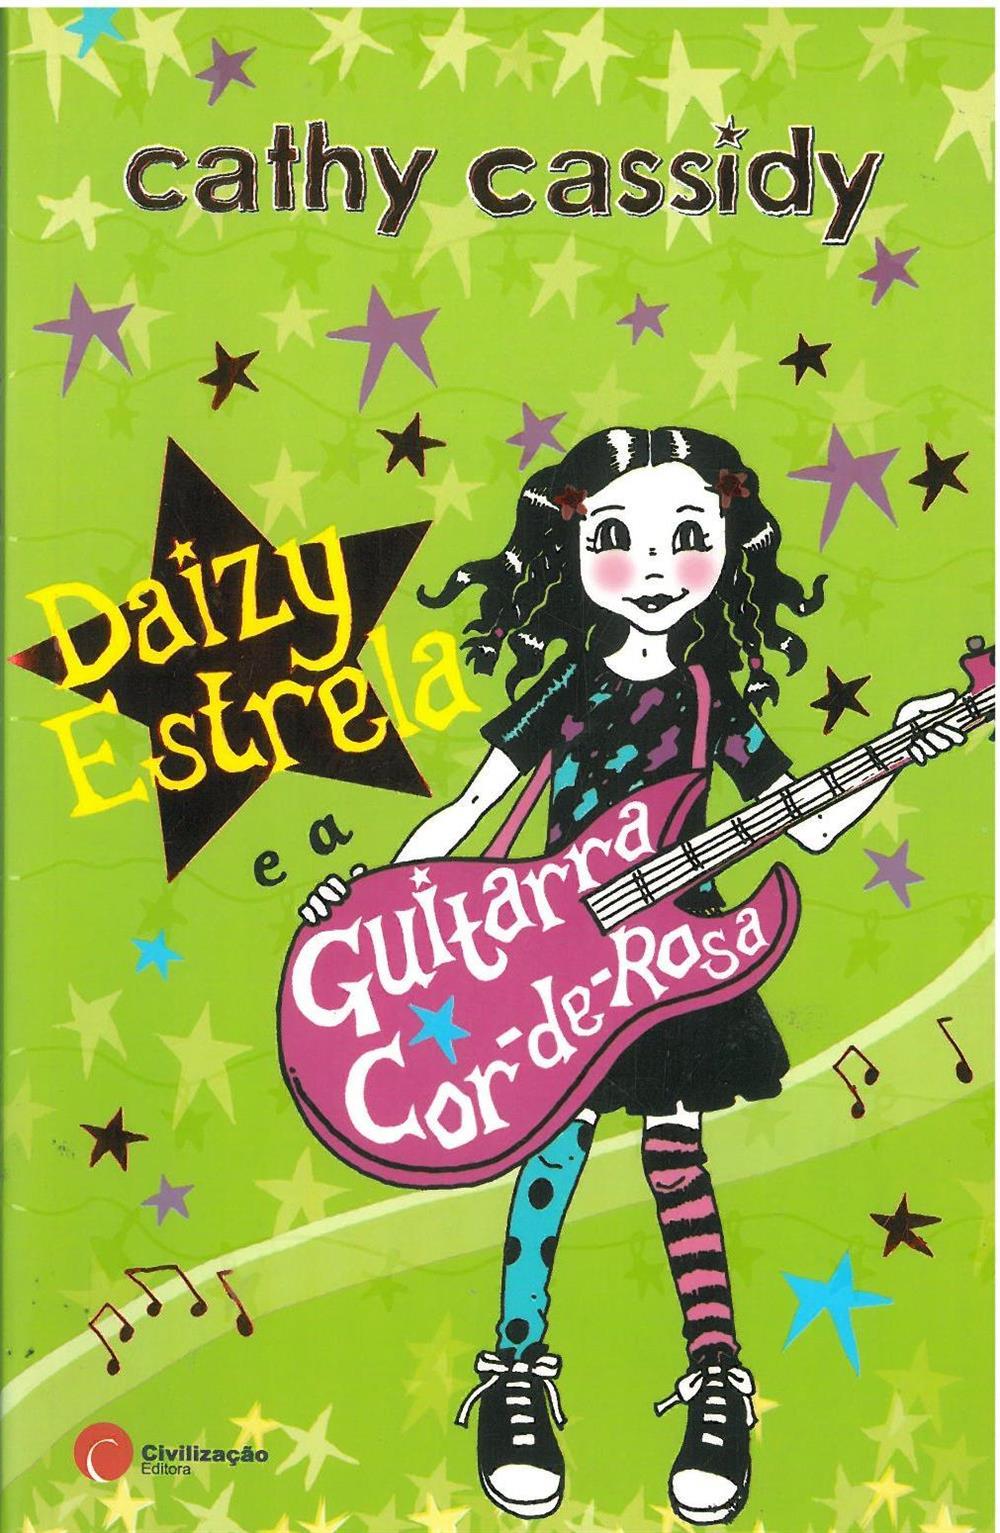 Daizy Estrela e a guitarra cor-de-rosa_.jpg